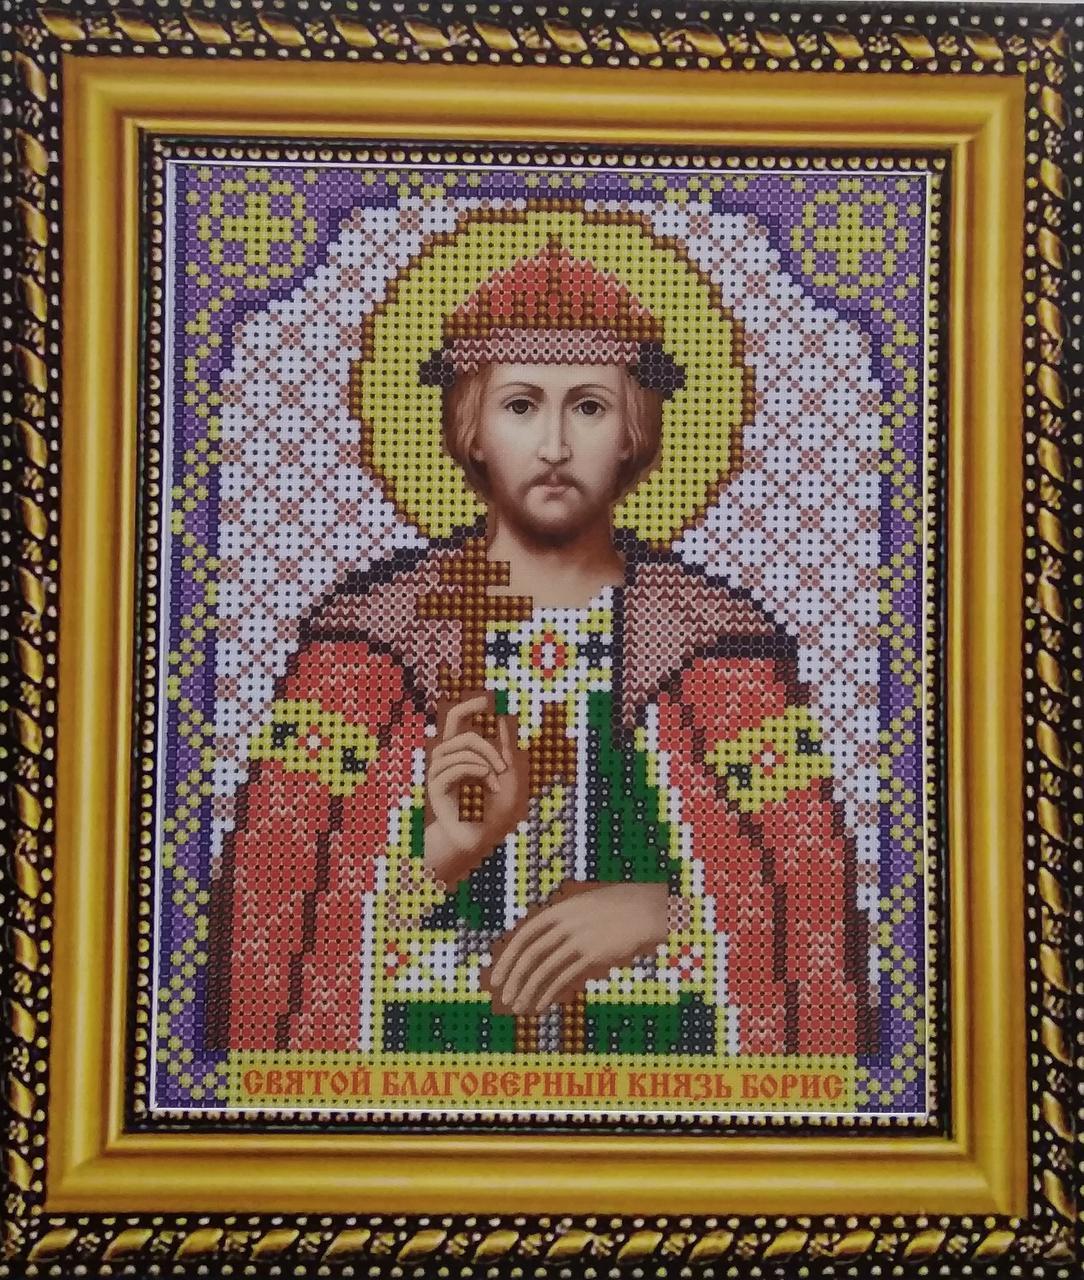 Набор для вышивки бисером ArtWork икона Святой Благоверный Князь Борис VIA 5048